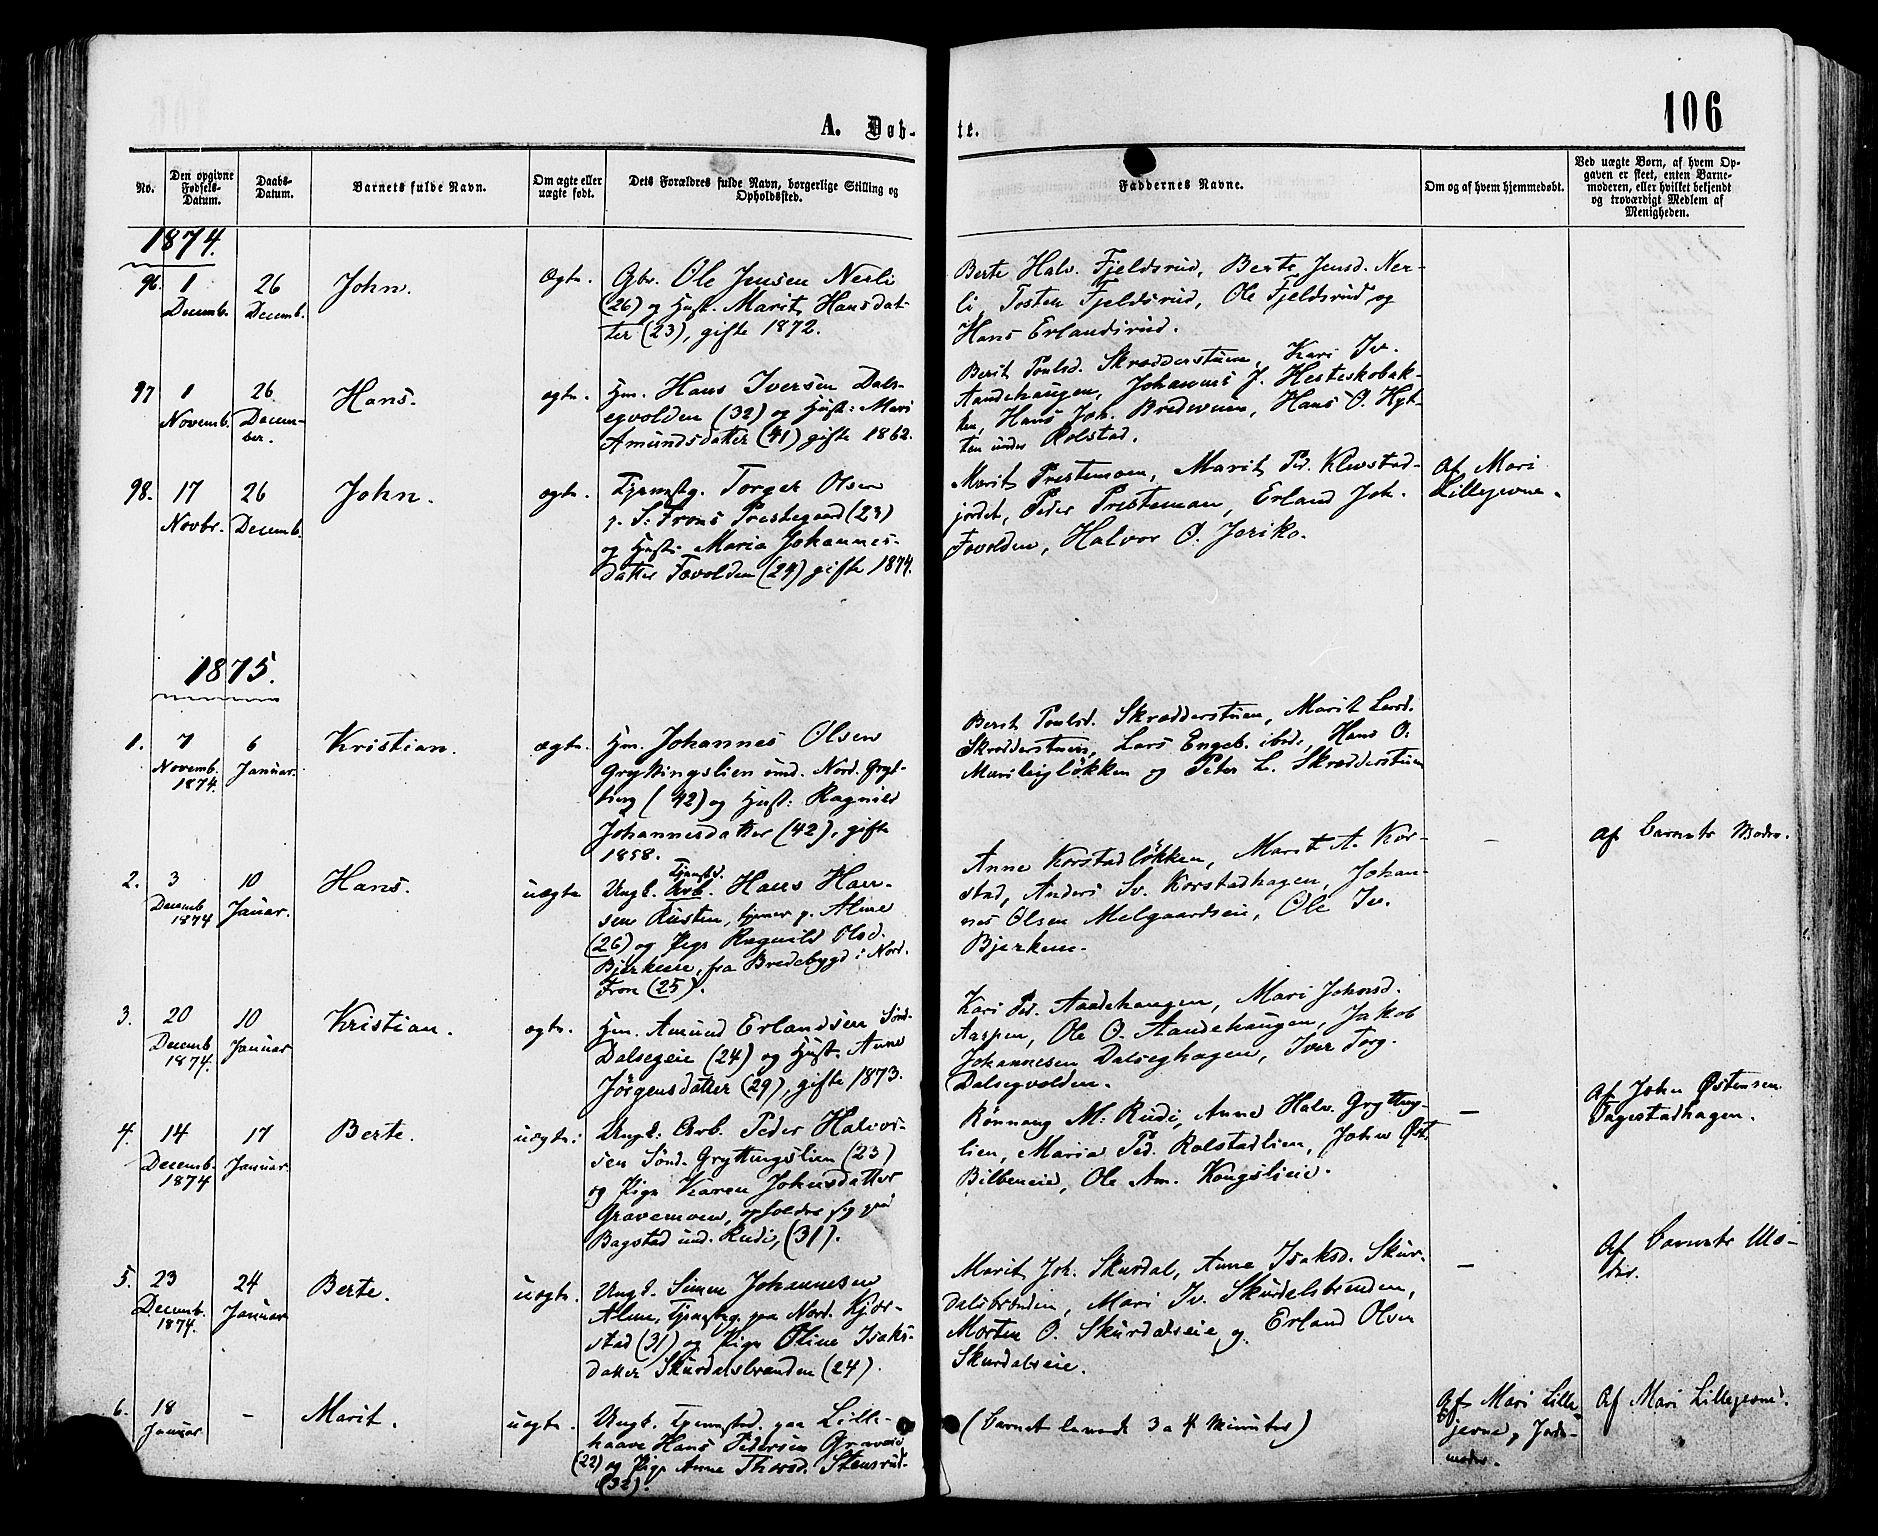 SAH, Sør-Fron prestekontor, H/Ha/Haa/L0002: Ministerialbok nr. 2, 1864-1880, s. 106